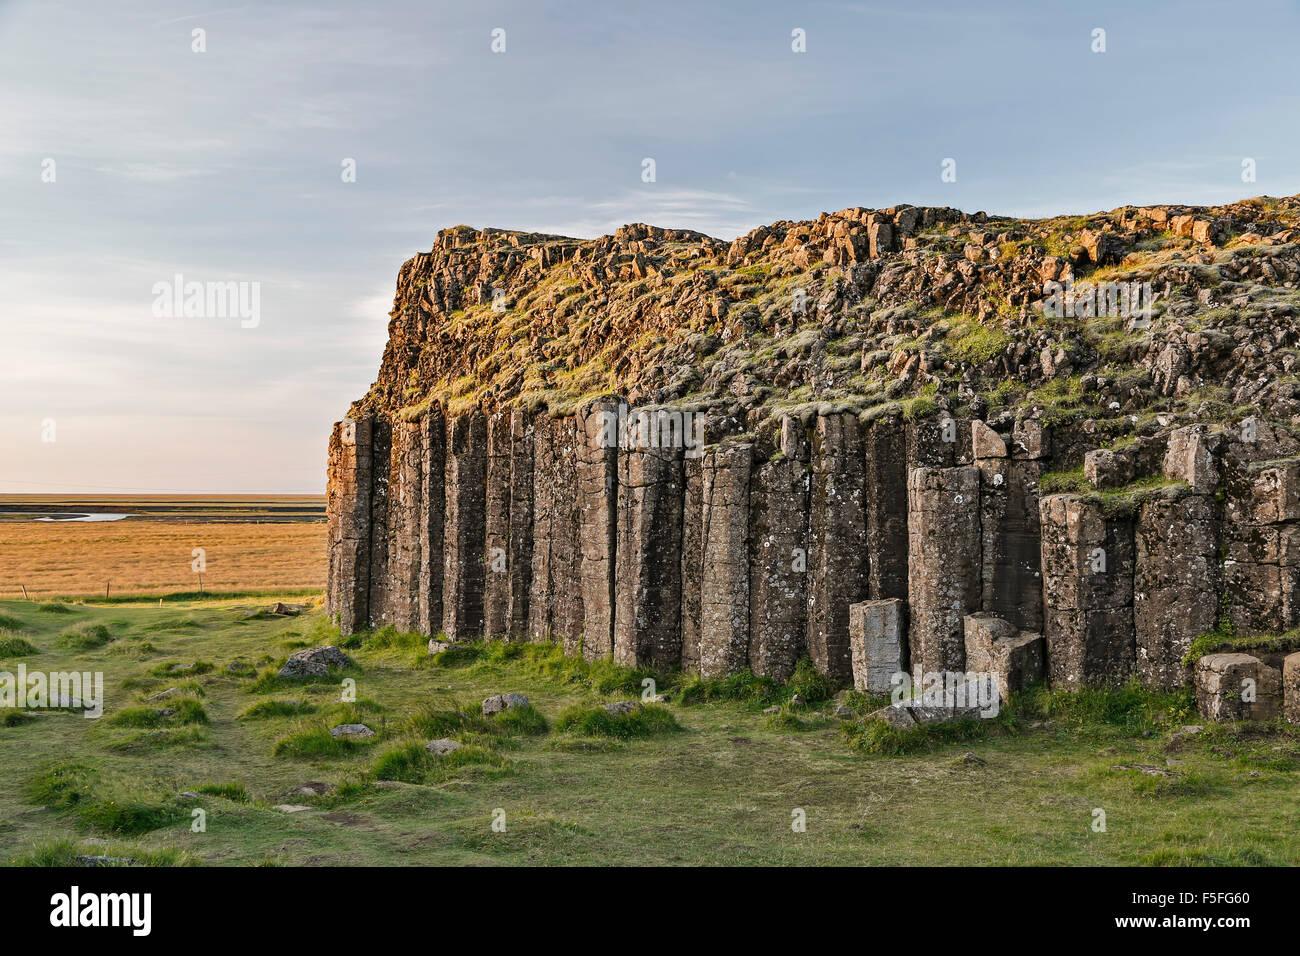 Columnar basalt outcrop, Dverghamrar (Dwarf Cliffs), near Foss, Iceland - Stock Image